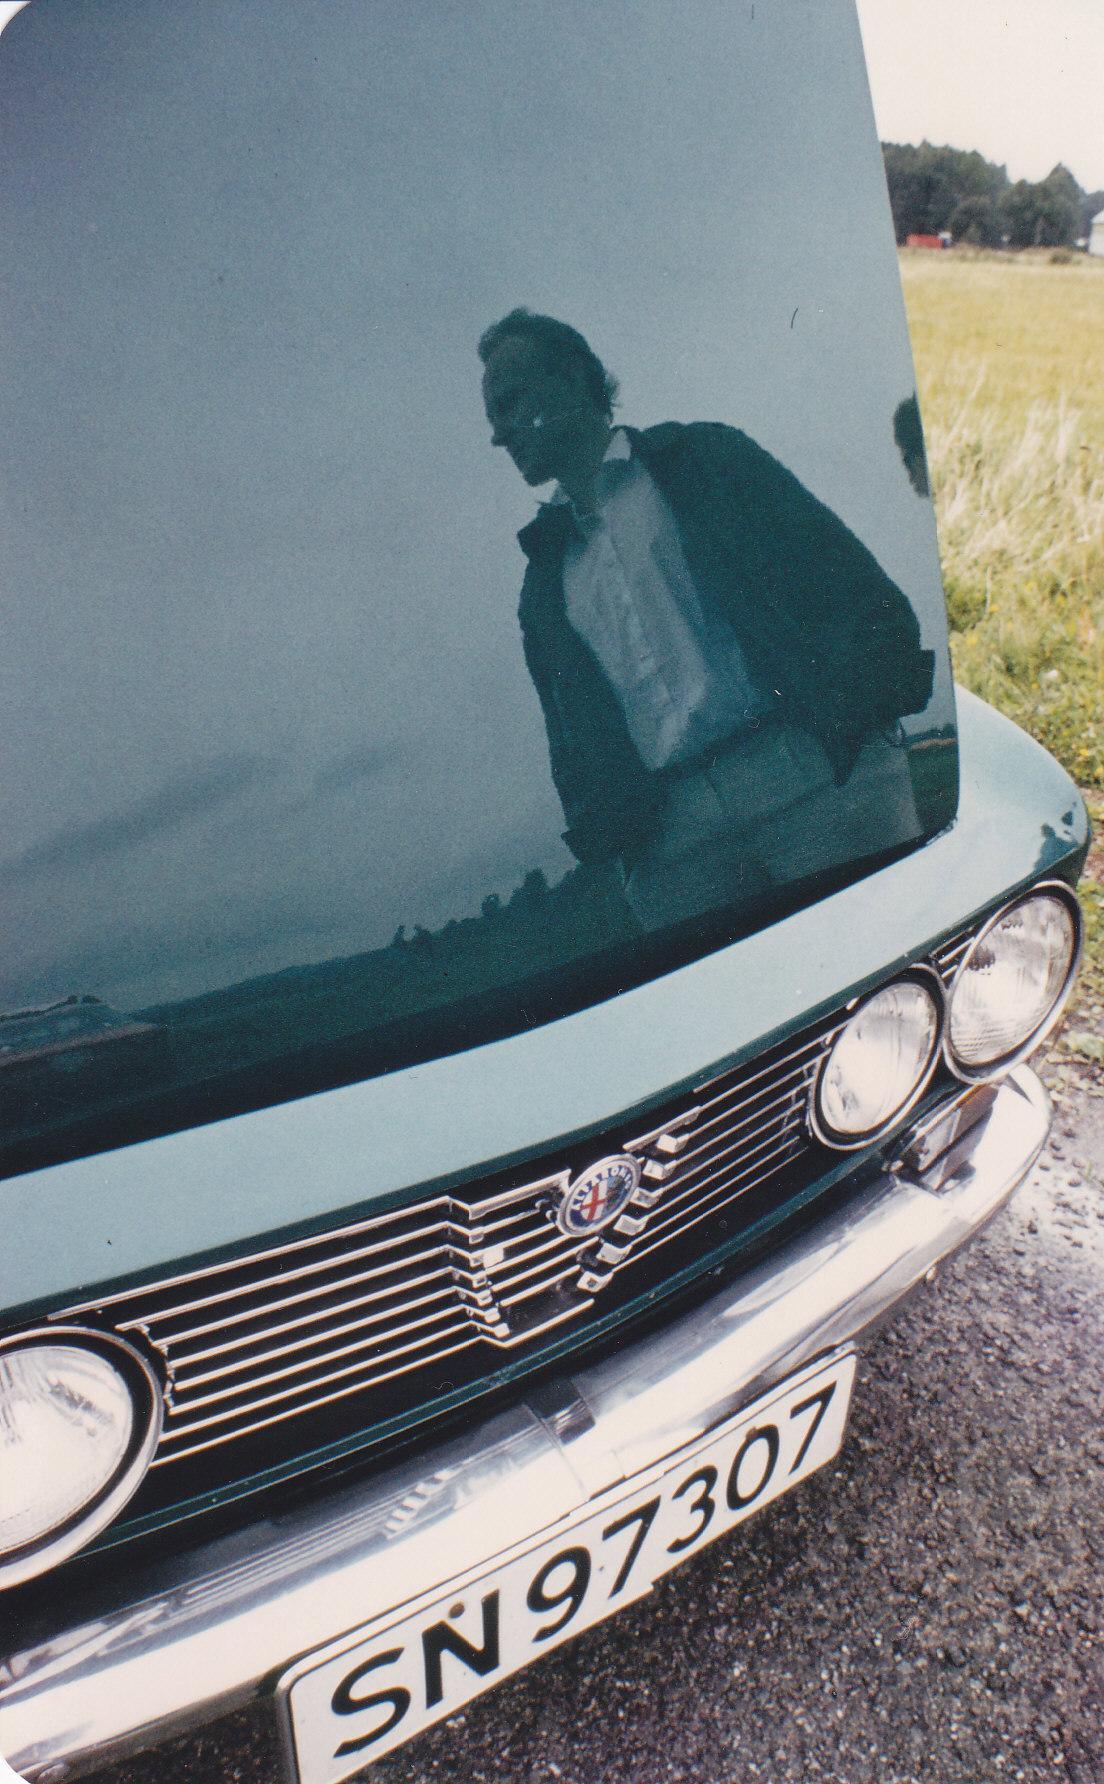 1988alfatreff_Peran i fokus Bertone.jpg